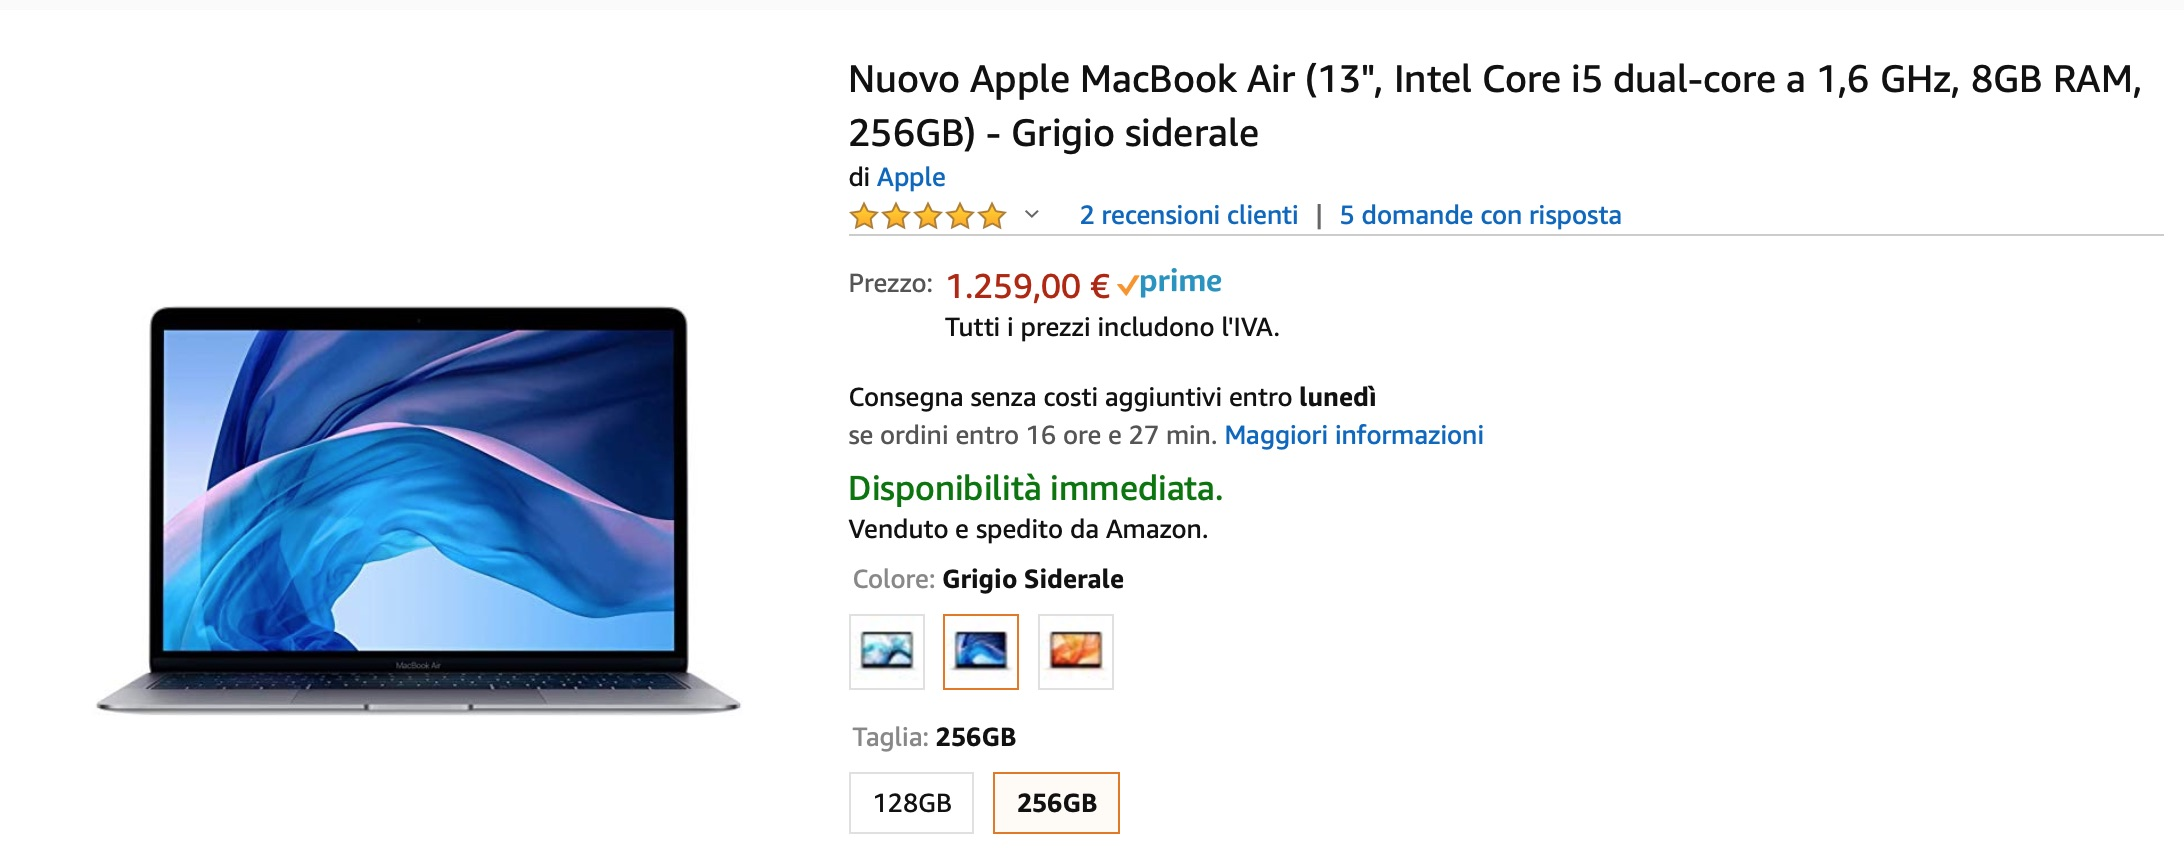 Nuovissimo MacBook Air 256 GB scontato di 270 €:  è il prezzo più basso